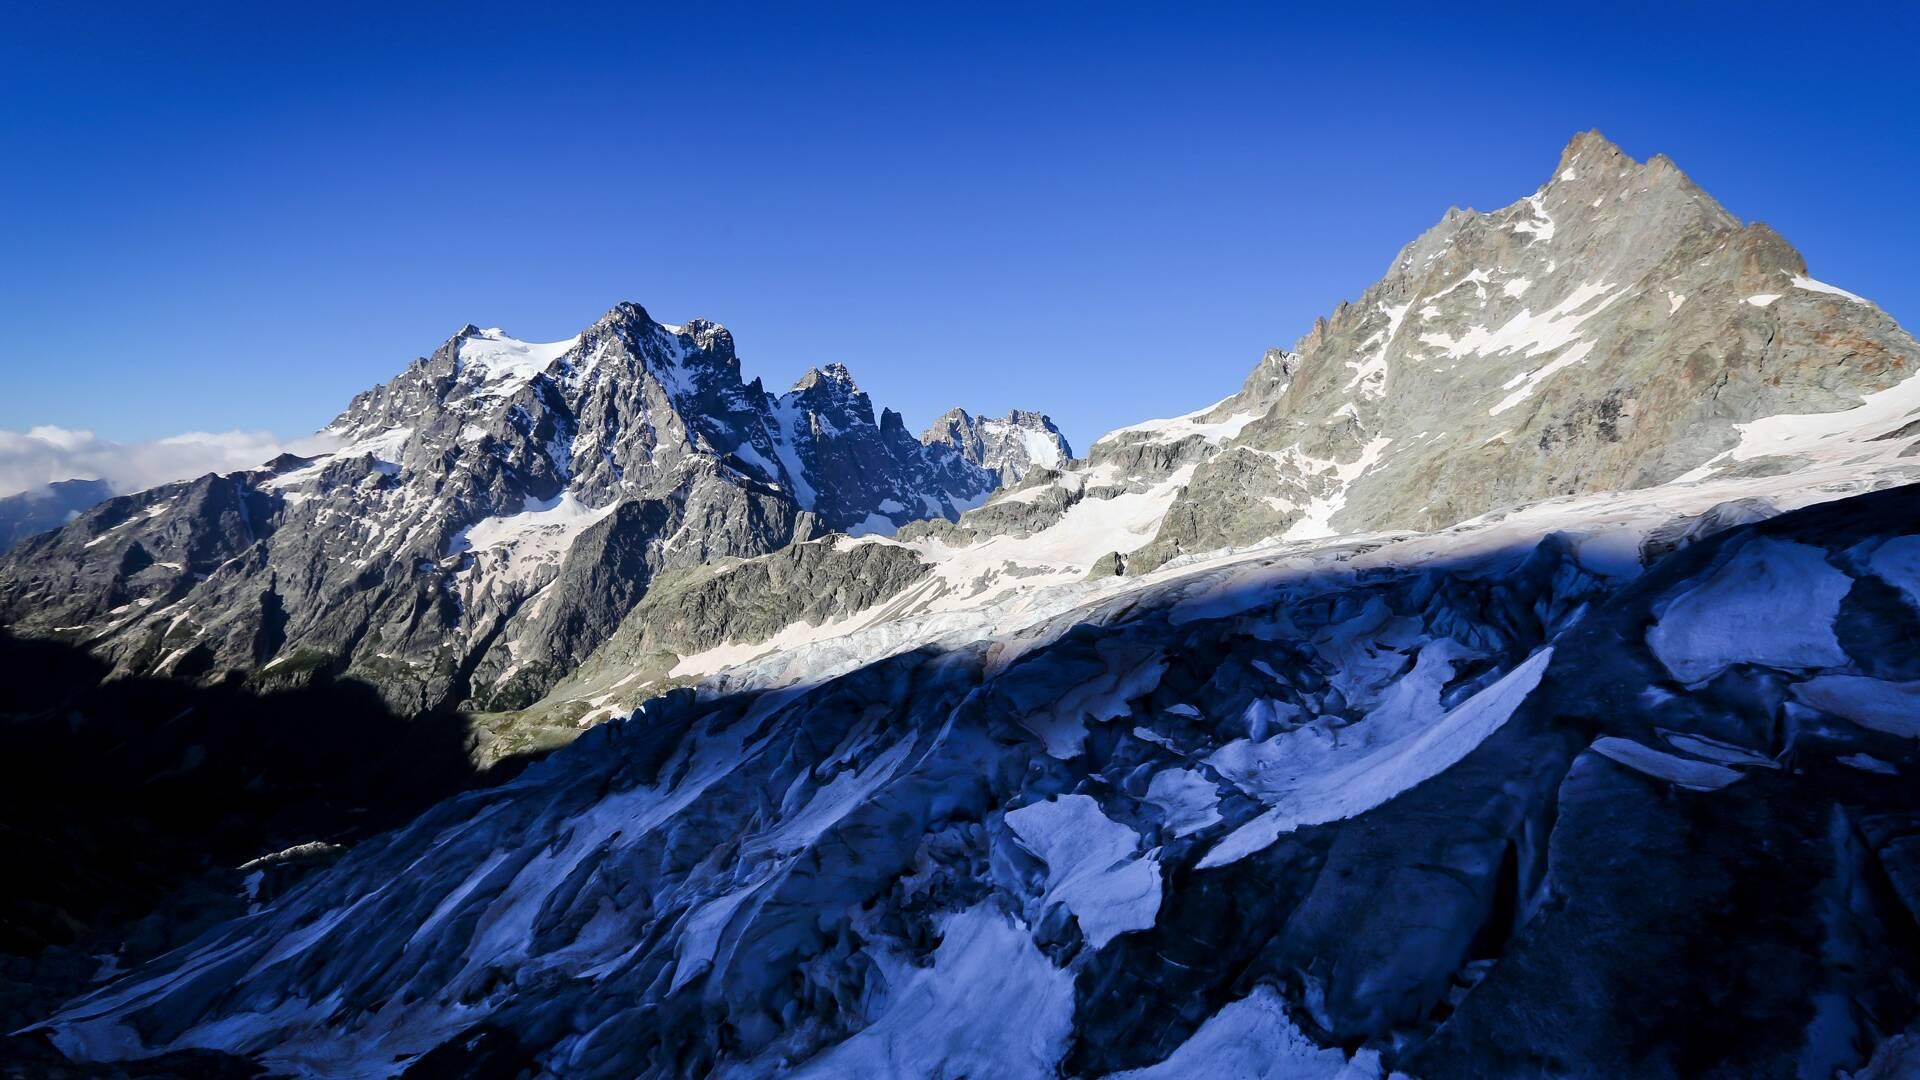 La Barre des Ecrins - Le Glacier Blanc - Vallouise Pelvoux